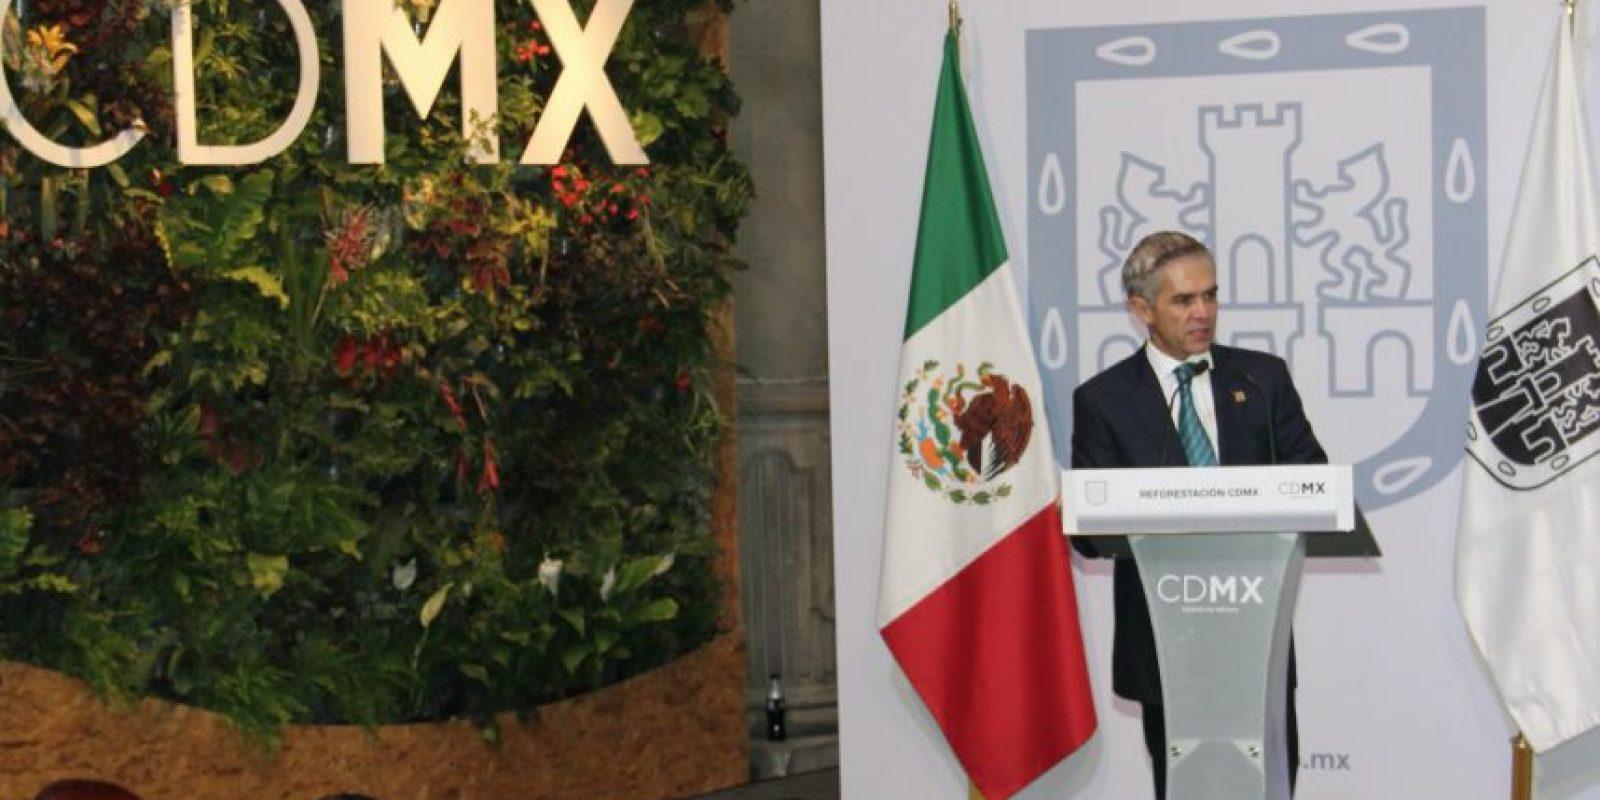 El jefe de gobierno Miguel Ángel Mancera afirmó que la capital esta mejor en materia ambiental que hace 10 años Foto:Especial